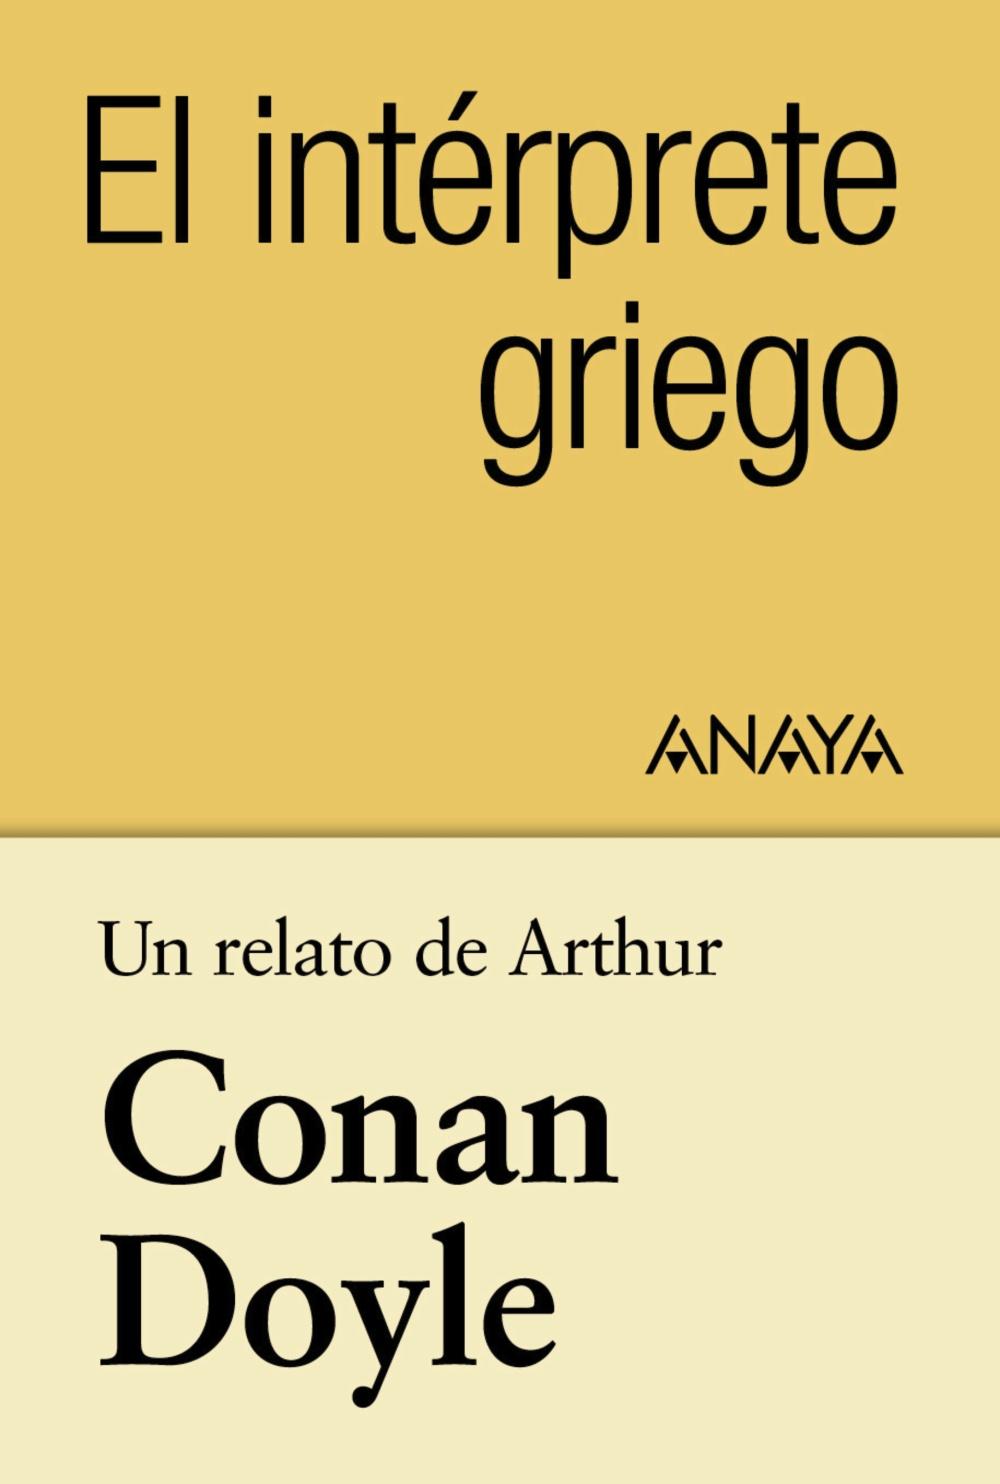 Un relato de Conan Doyle: El intérprete griego (ebook)